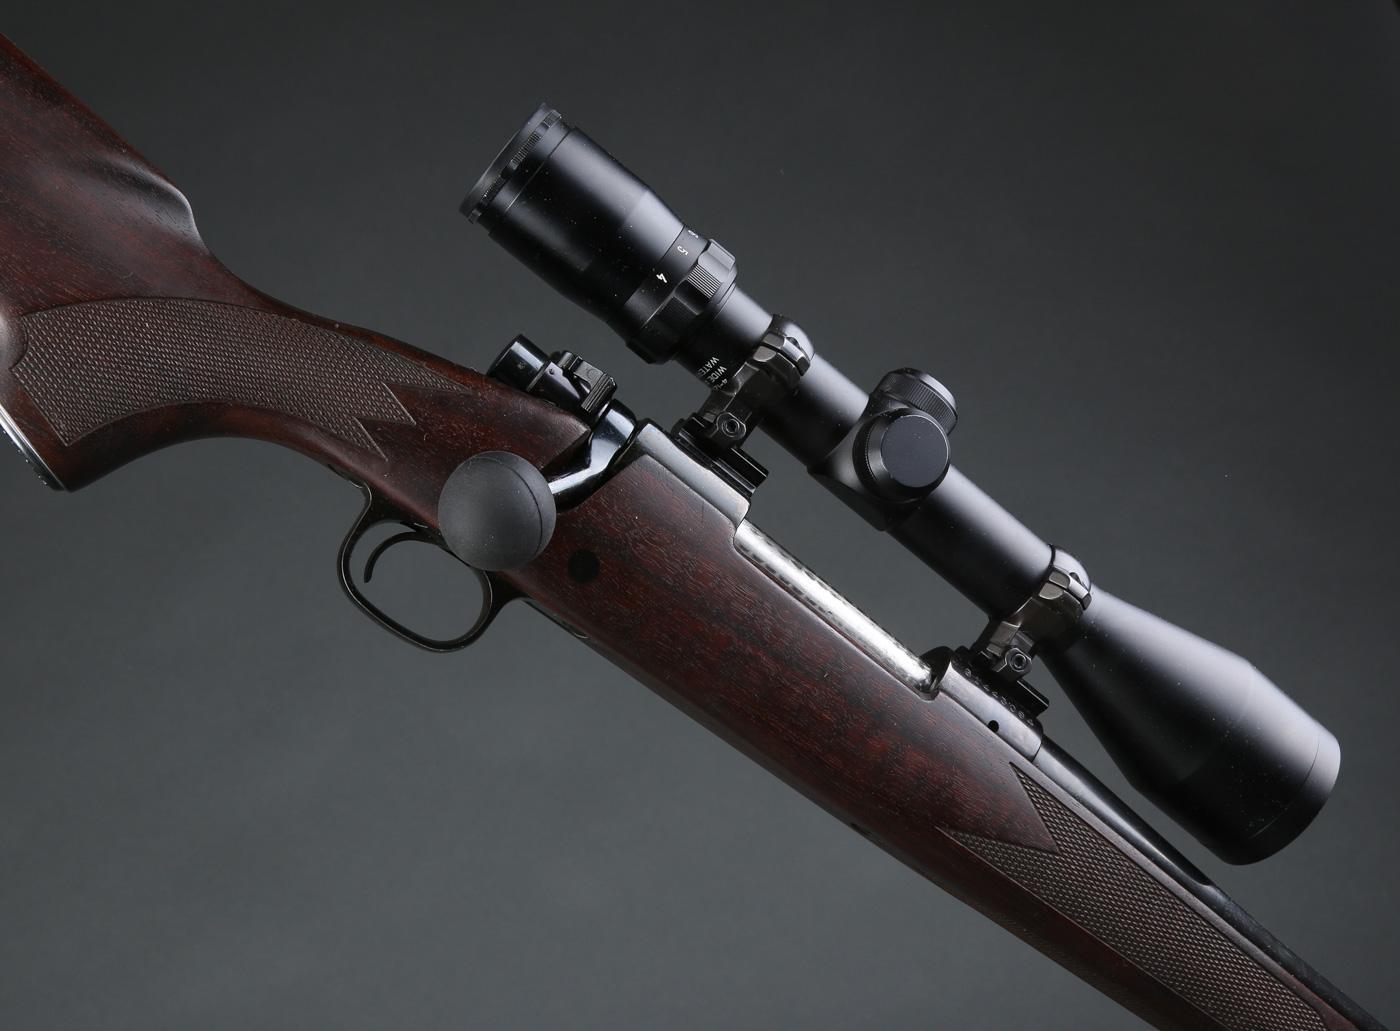 Winchester jagtriffel Model 70 XTR Kaliber 30.06 - Winchester jagtriffel Model 70 XTR Kaliber 30.06. Monteret med Fontaine 4-12x50. Våbennummer G1443094. Pibe: 54 cm. Total: 111 cm. Våbentilladelse påkræves. Seeland foderal medfølger